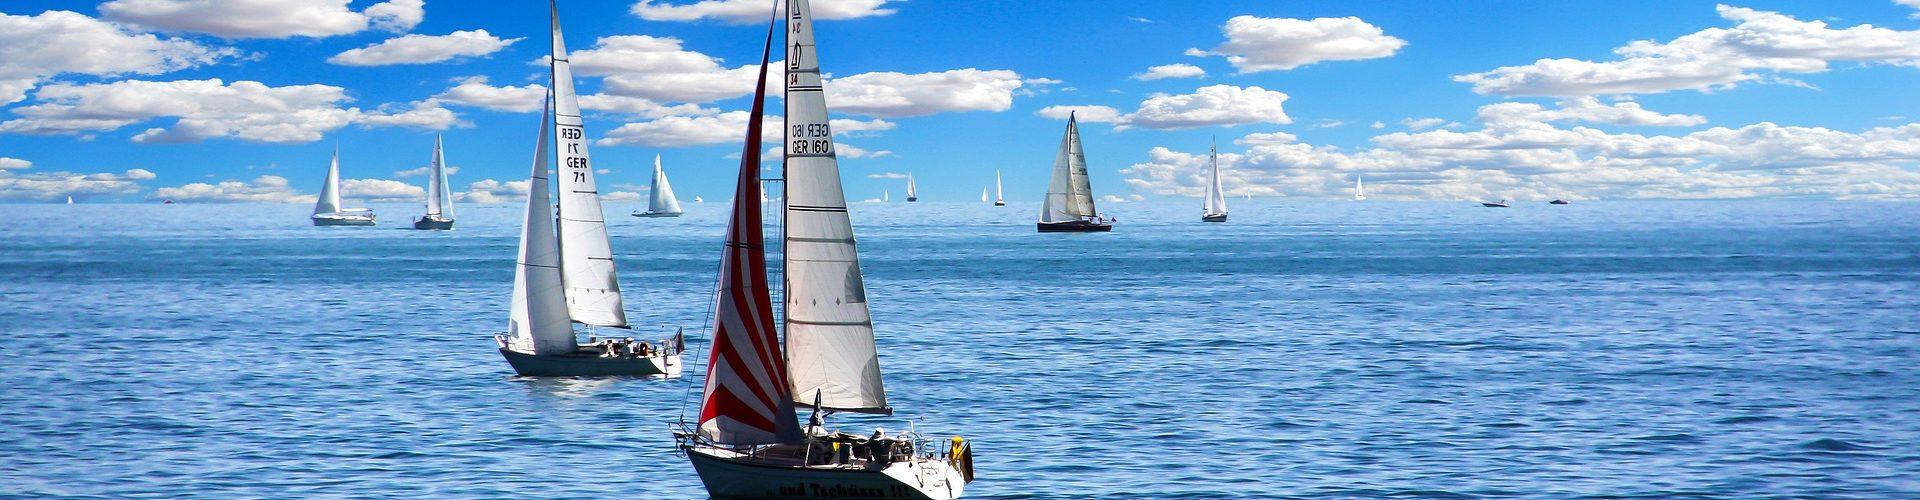 segeln lernen in Bad Endorf segelschein machen in Bad Endorf 1920x500 - Segeln lernen in Bad Endorf